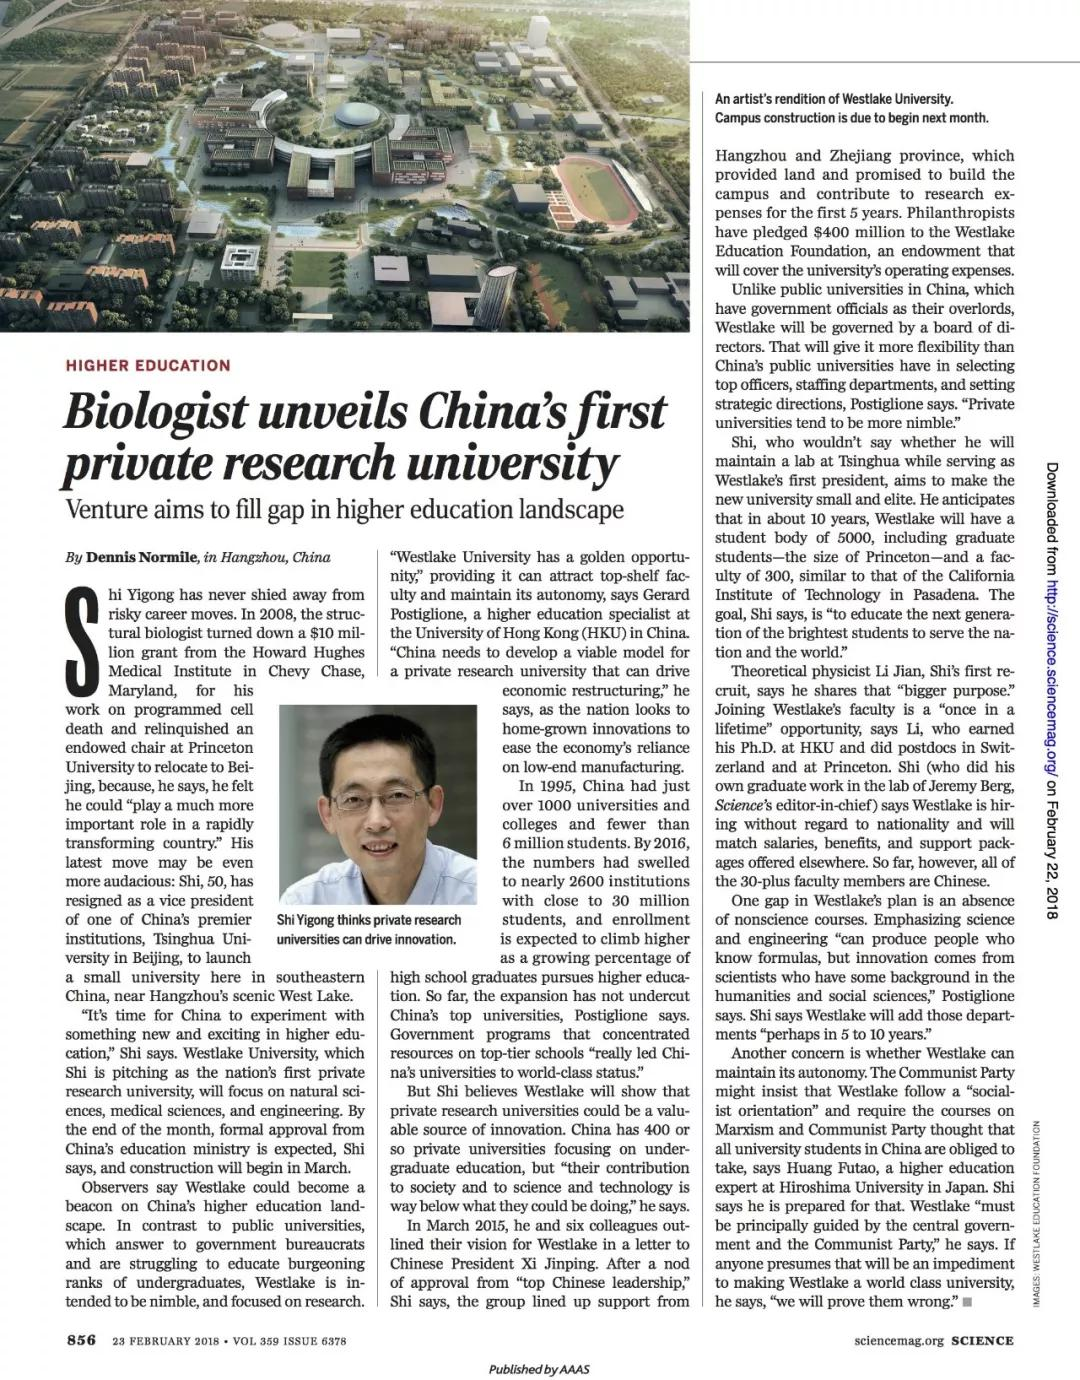 2月23日出版的《科学》杂志报道称,西湖大学即将在本月底正式成立。